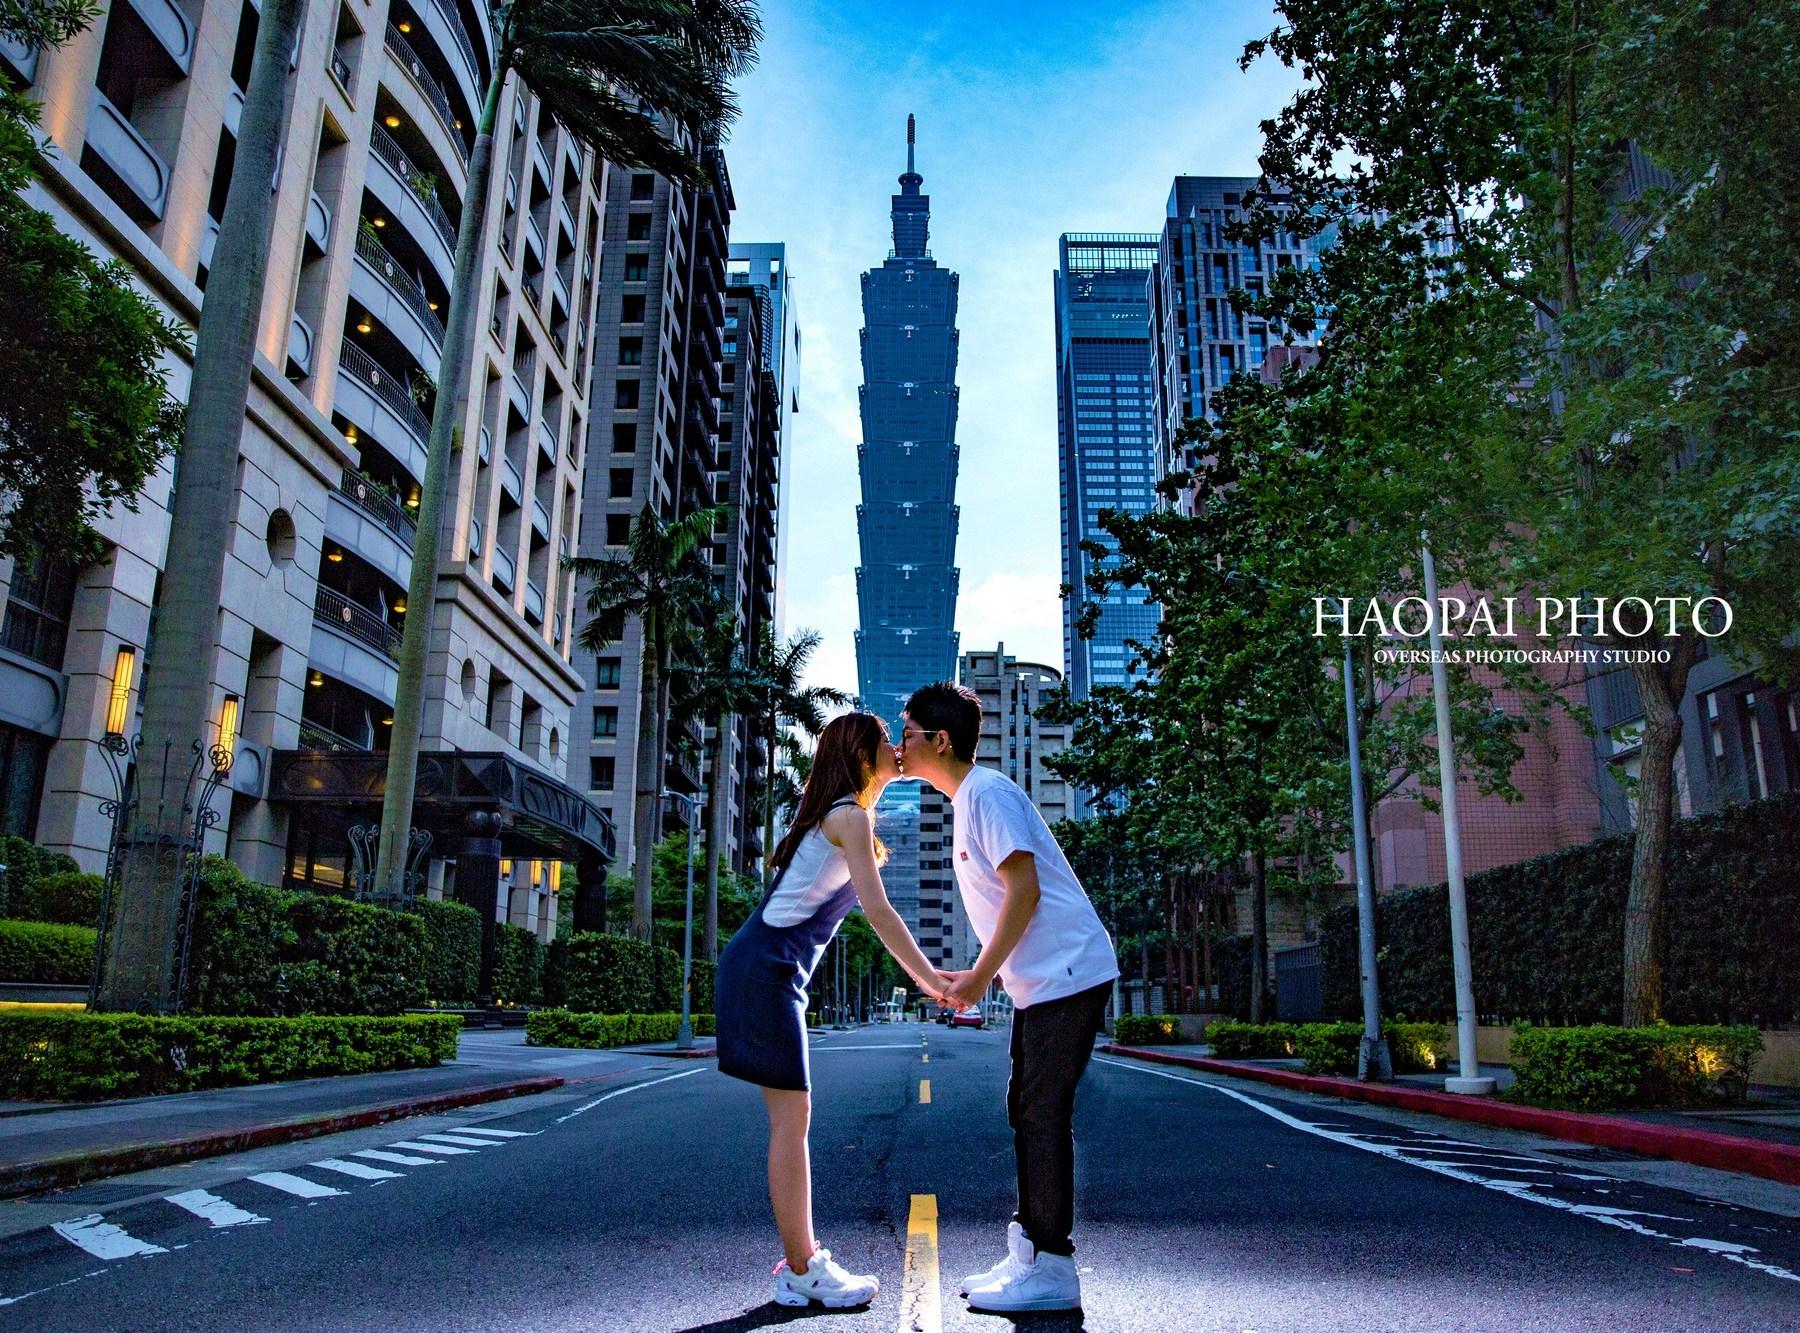 海外旅拍,海外婚紗,情侶寫真,婚紗攝影,海外婚紗,出國拍婚紗,情侶照,婚紗照,旅行婚紗